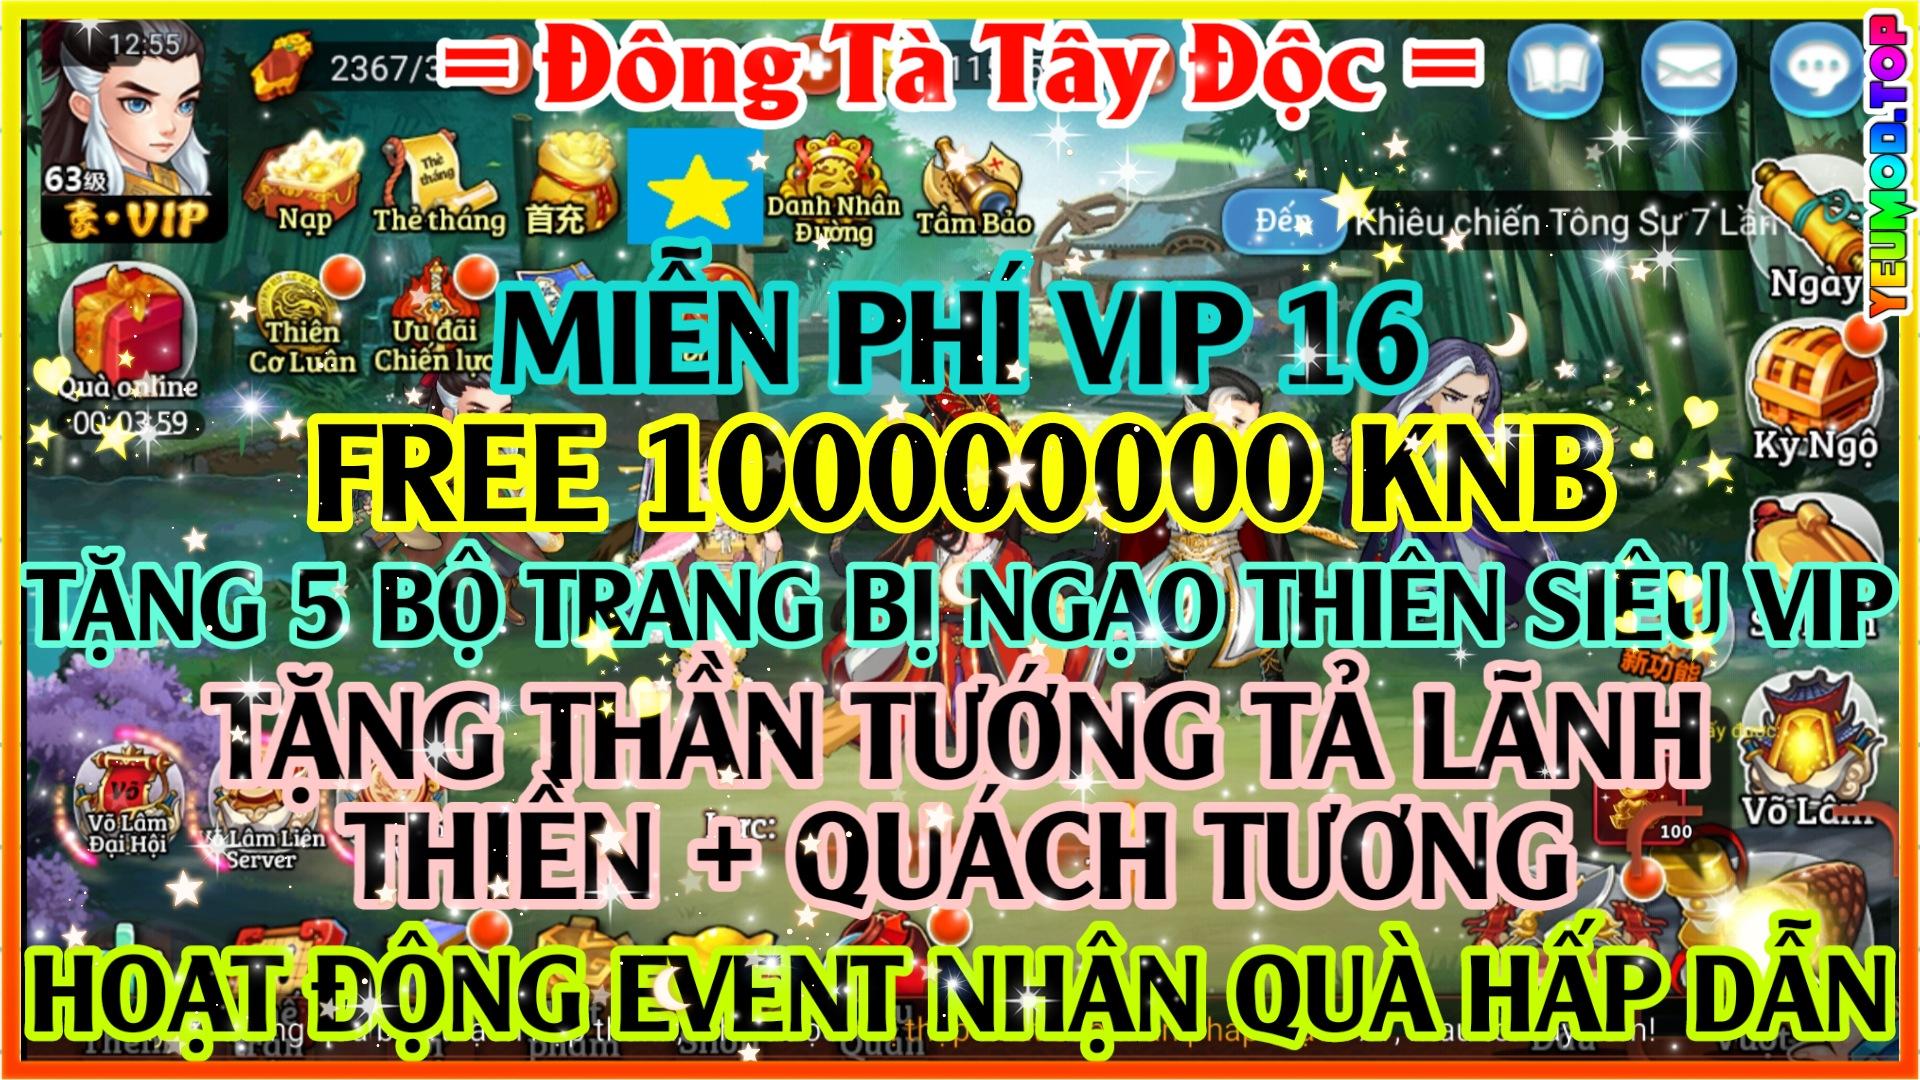 Đông Tà Tây Độc Private Việt Hóa   Free VIP 16   100000000 KNB   Tặng Thần Tướng Đỏ Siêu VIP   10000 Thánh Lệnh   Hoạt Động Event Nhận Quà Hấp Dẫn